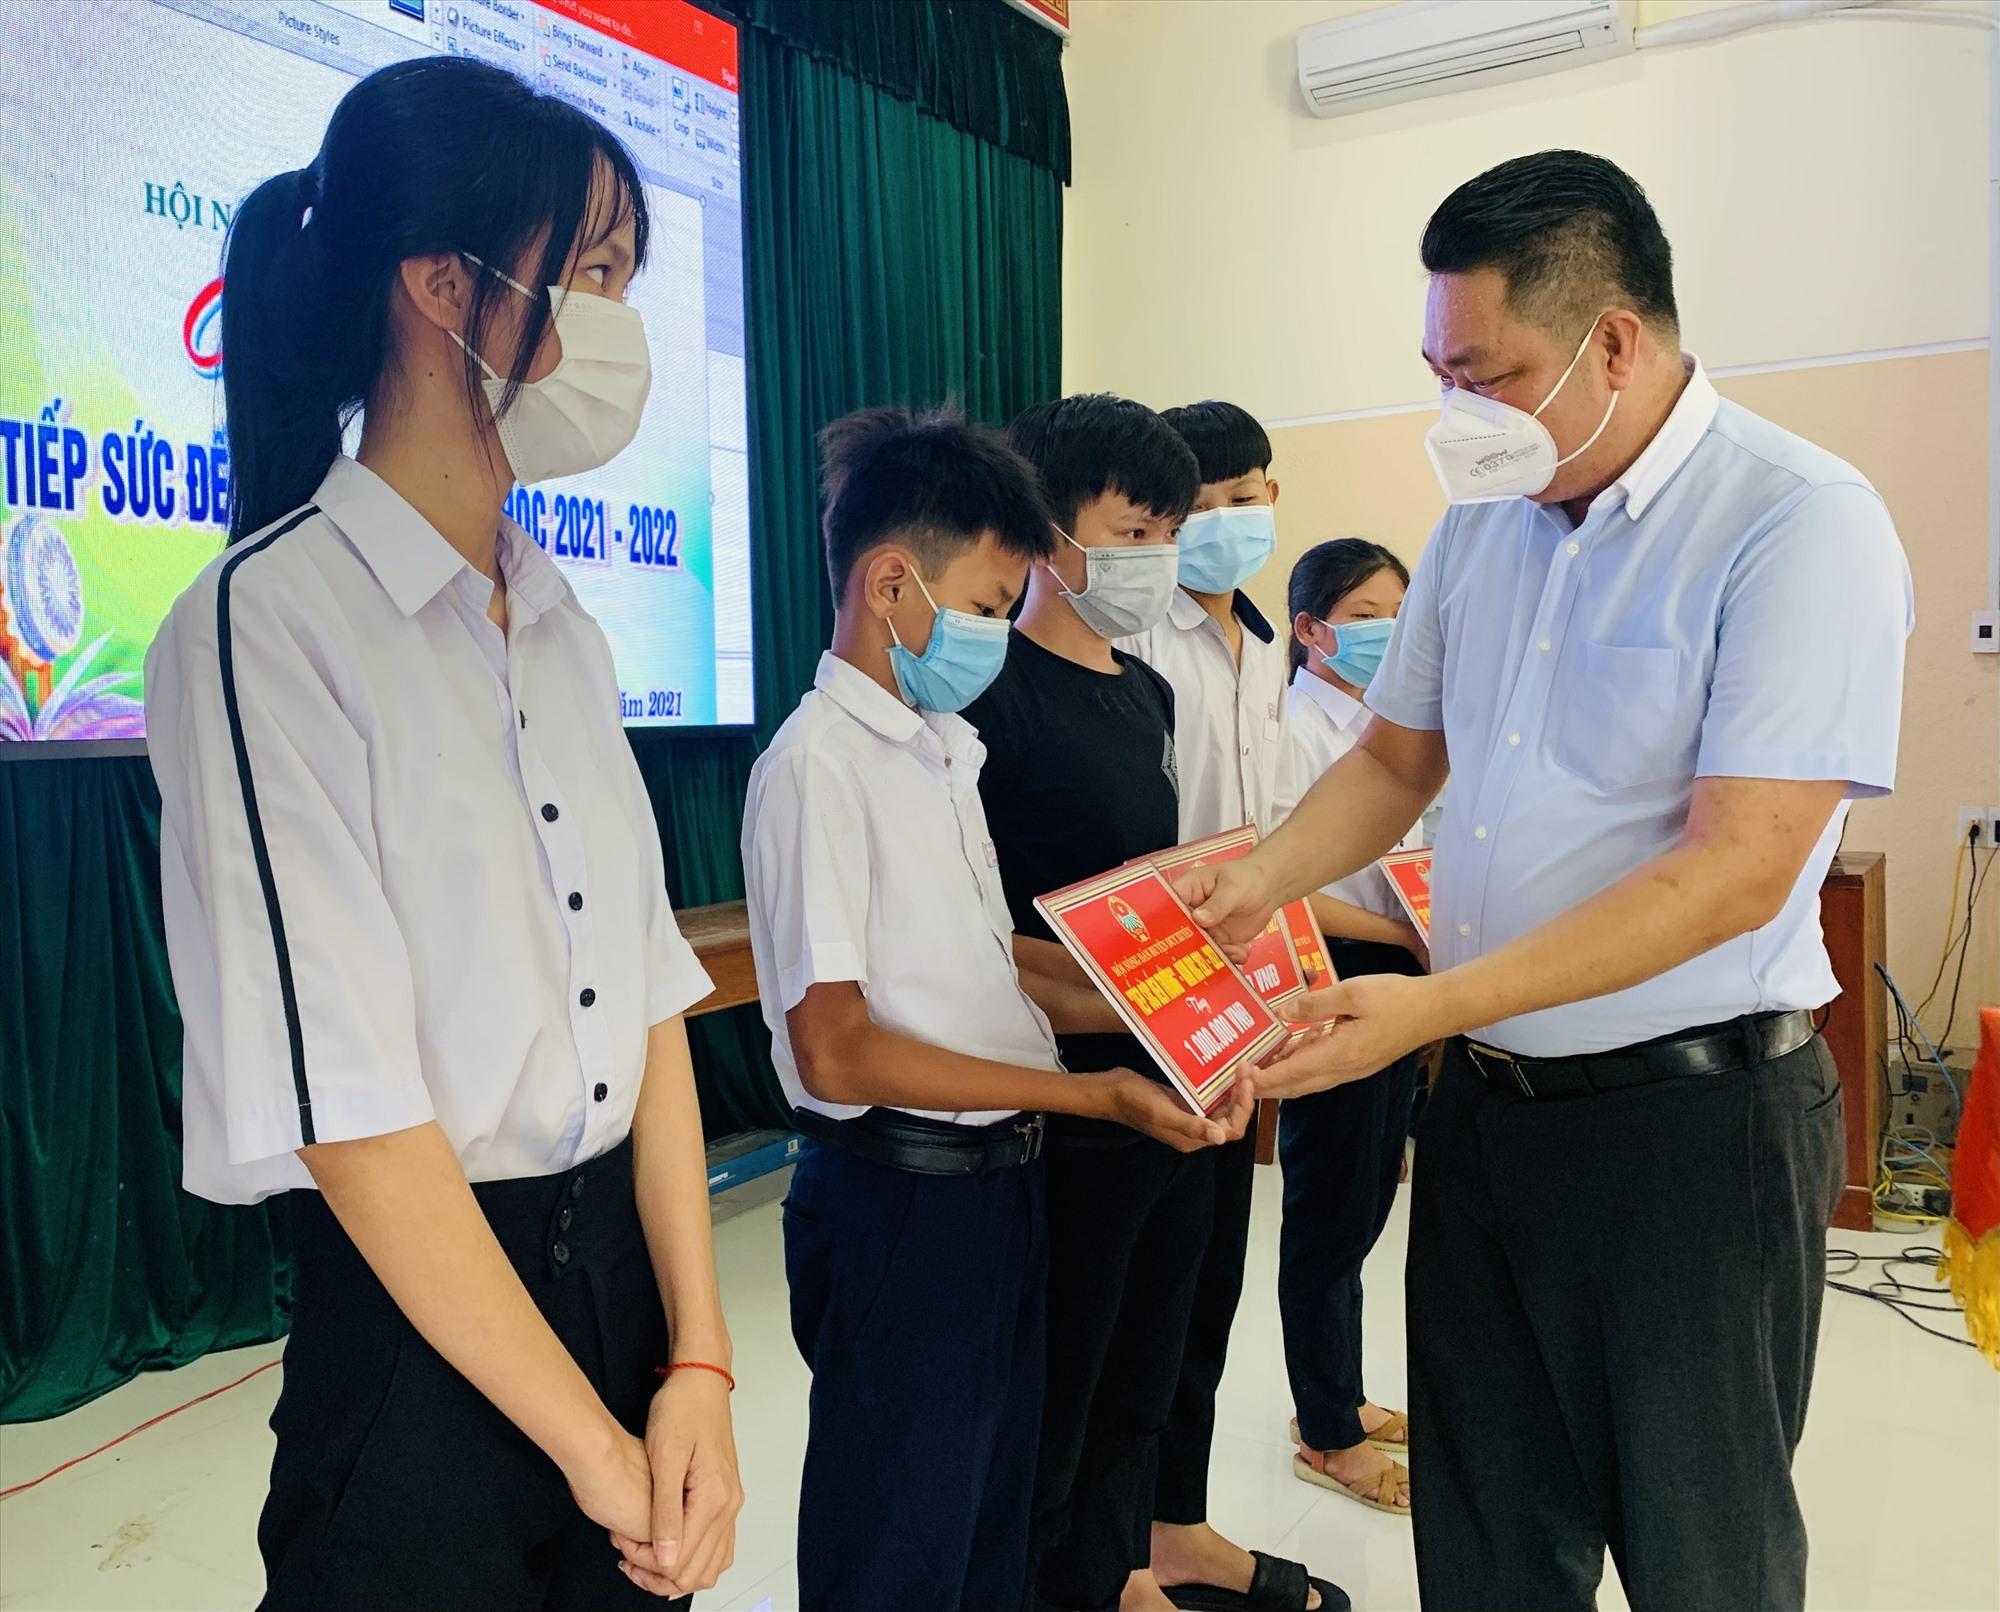 """Hội Nông dân huyện Duy Xuyên vừa trao tặng 30 suất học bổng """"Tiếp sức đến trường"""" cho học sinh có hoàn cảnh khó khăn. Ảnh: T.P"""